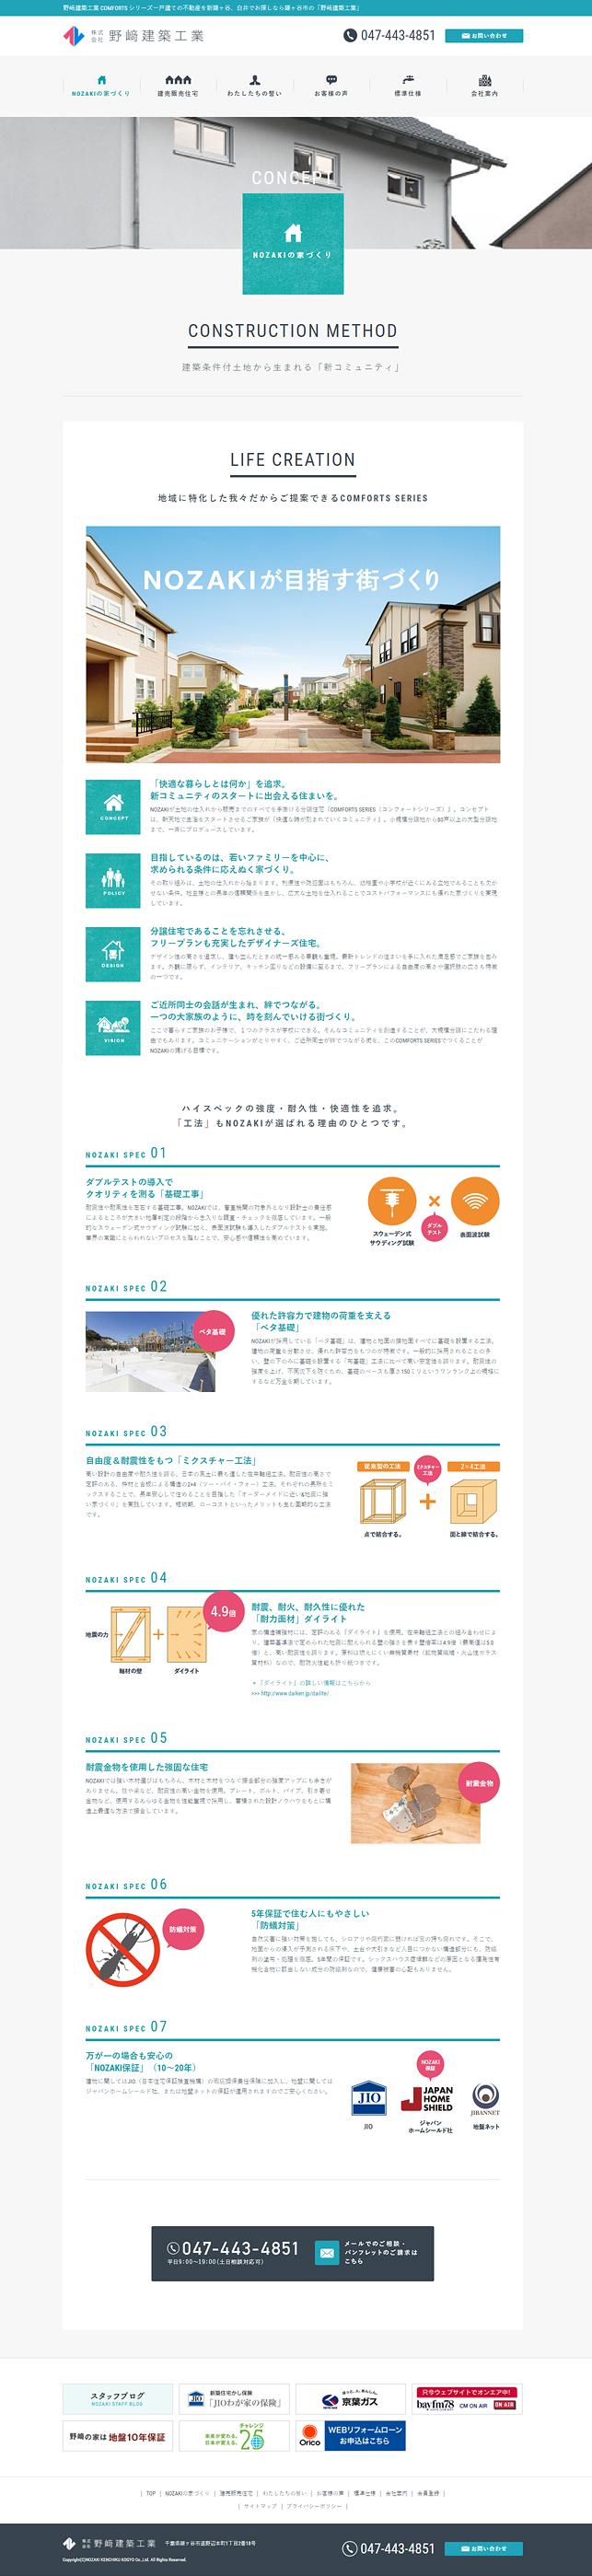 建築・建設・不動産販売関連・ウェブサイトデザイン実績2p